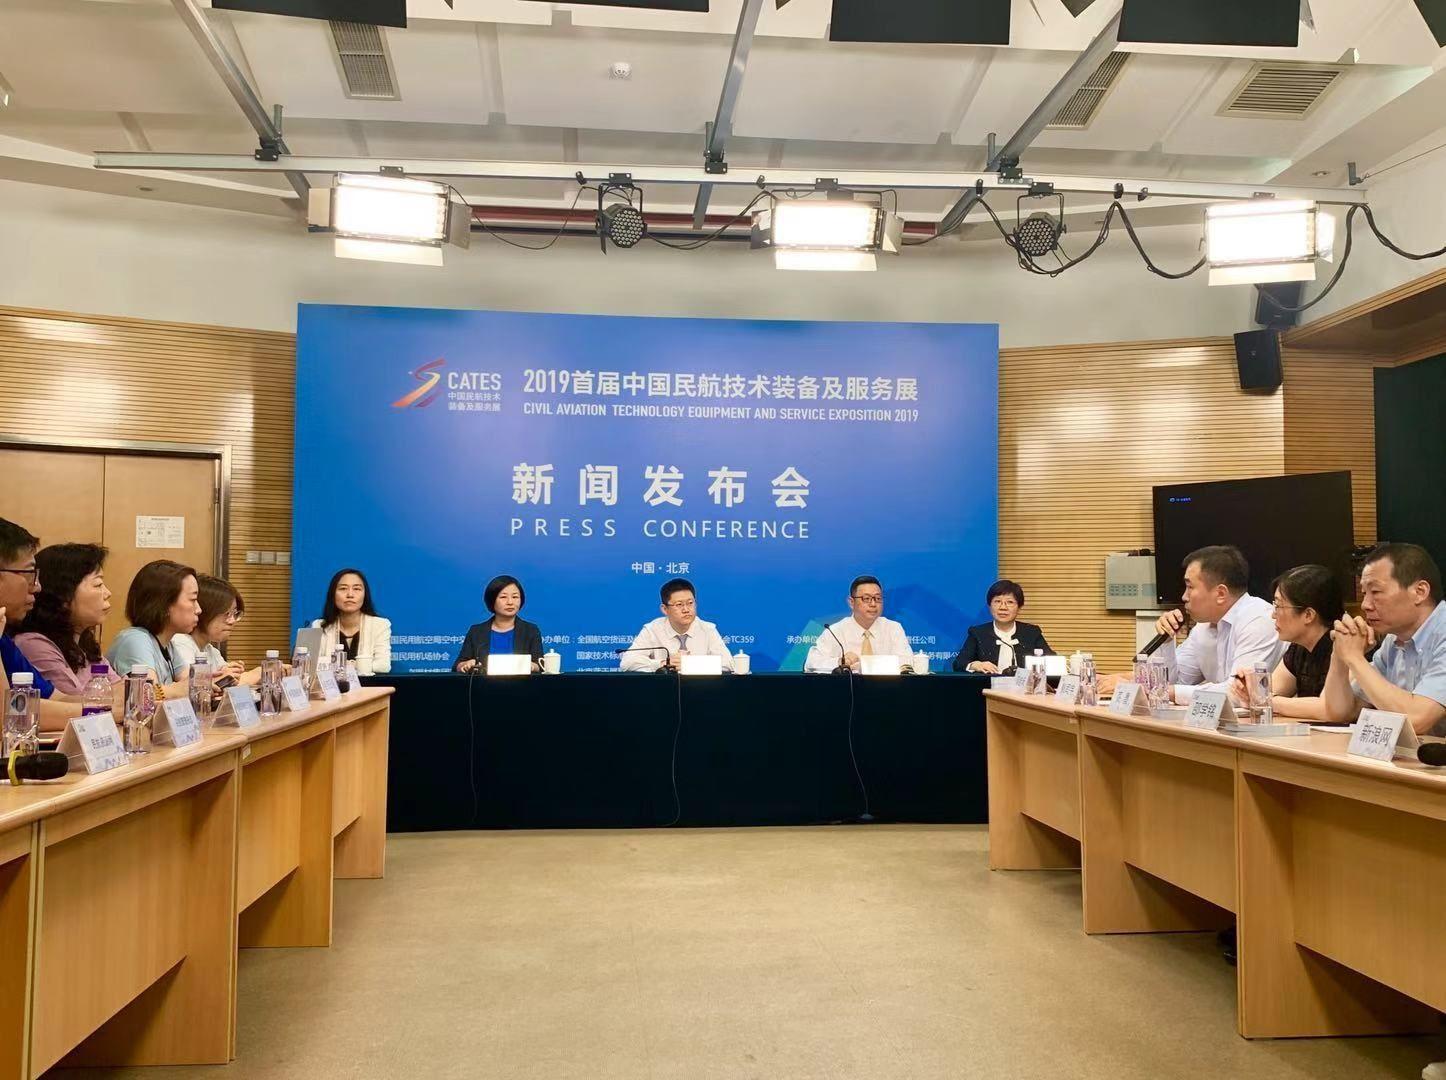 首届民航技术装备及服务展9月将在京举办